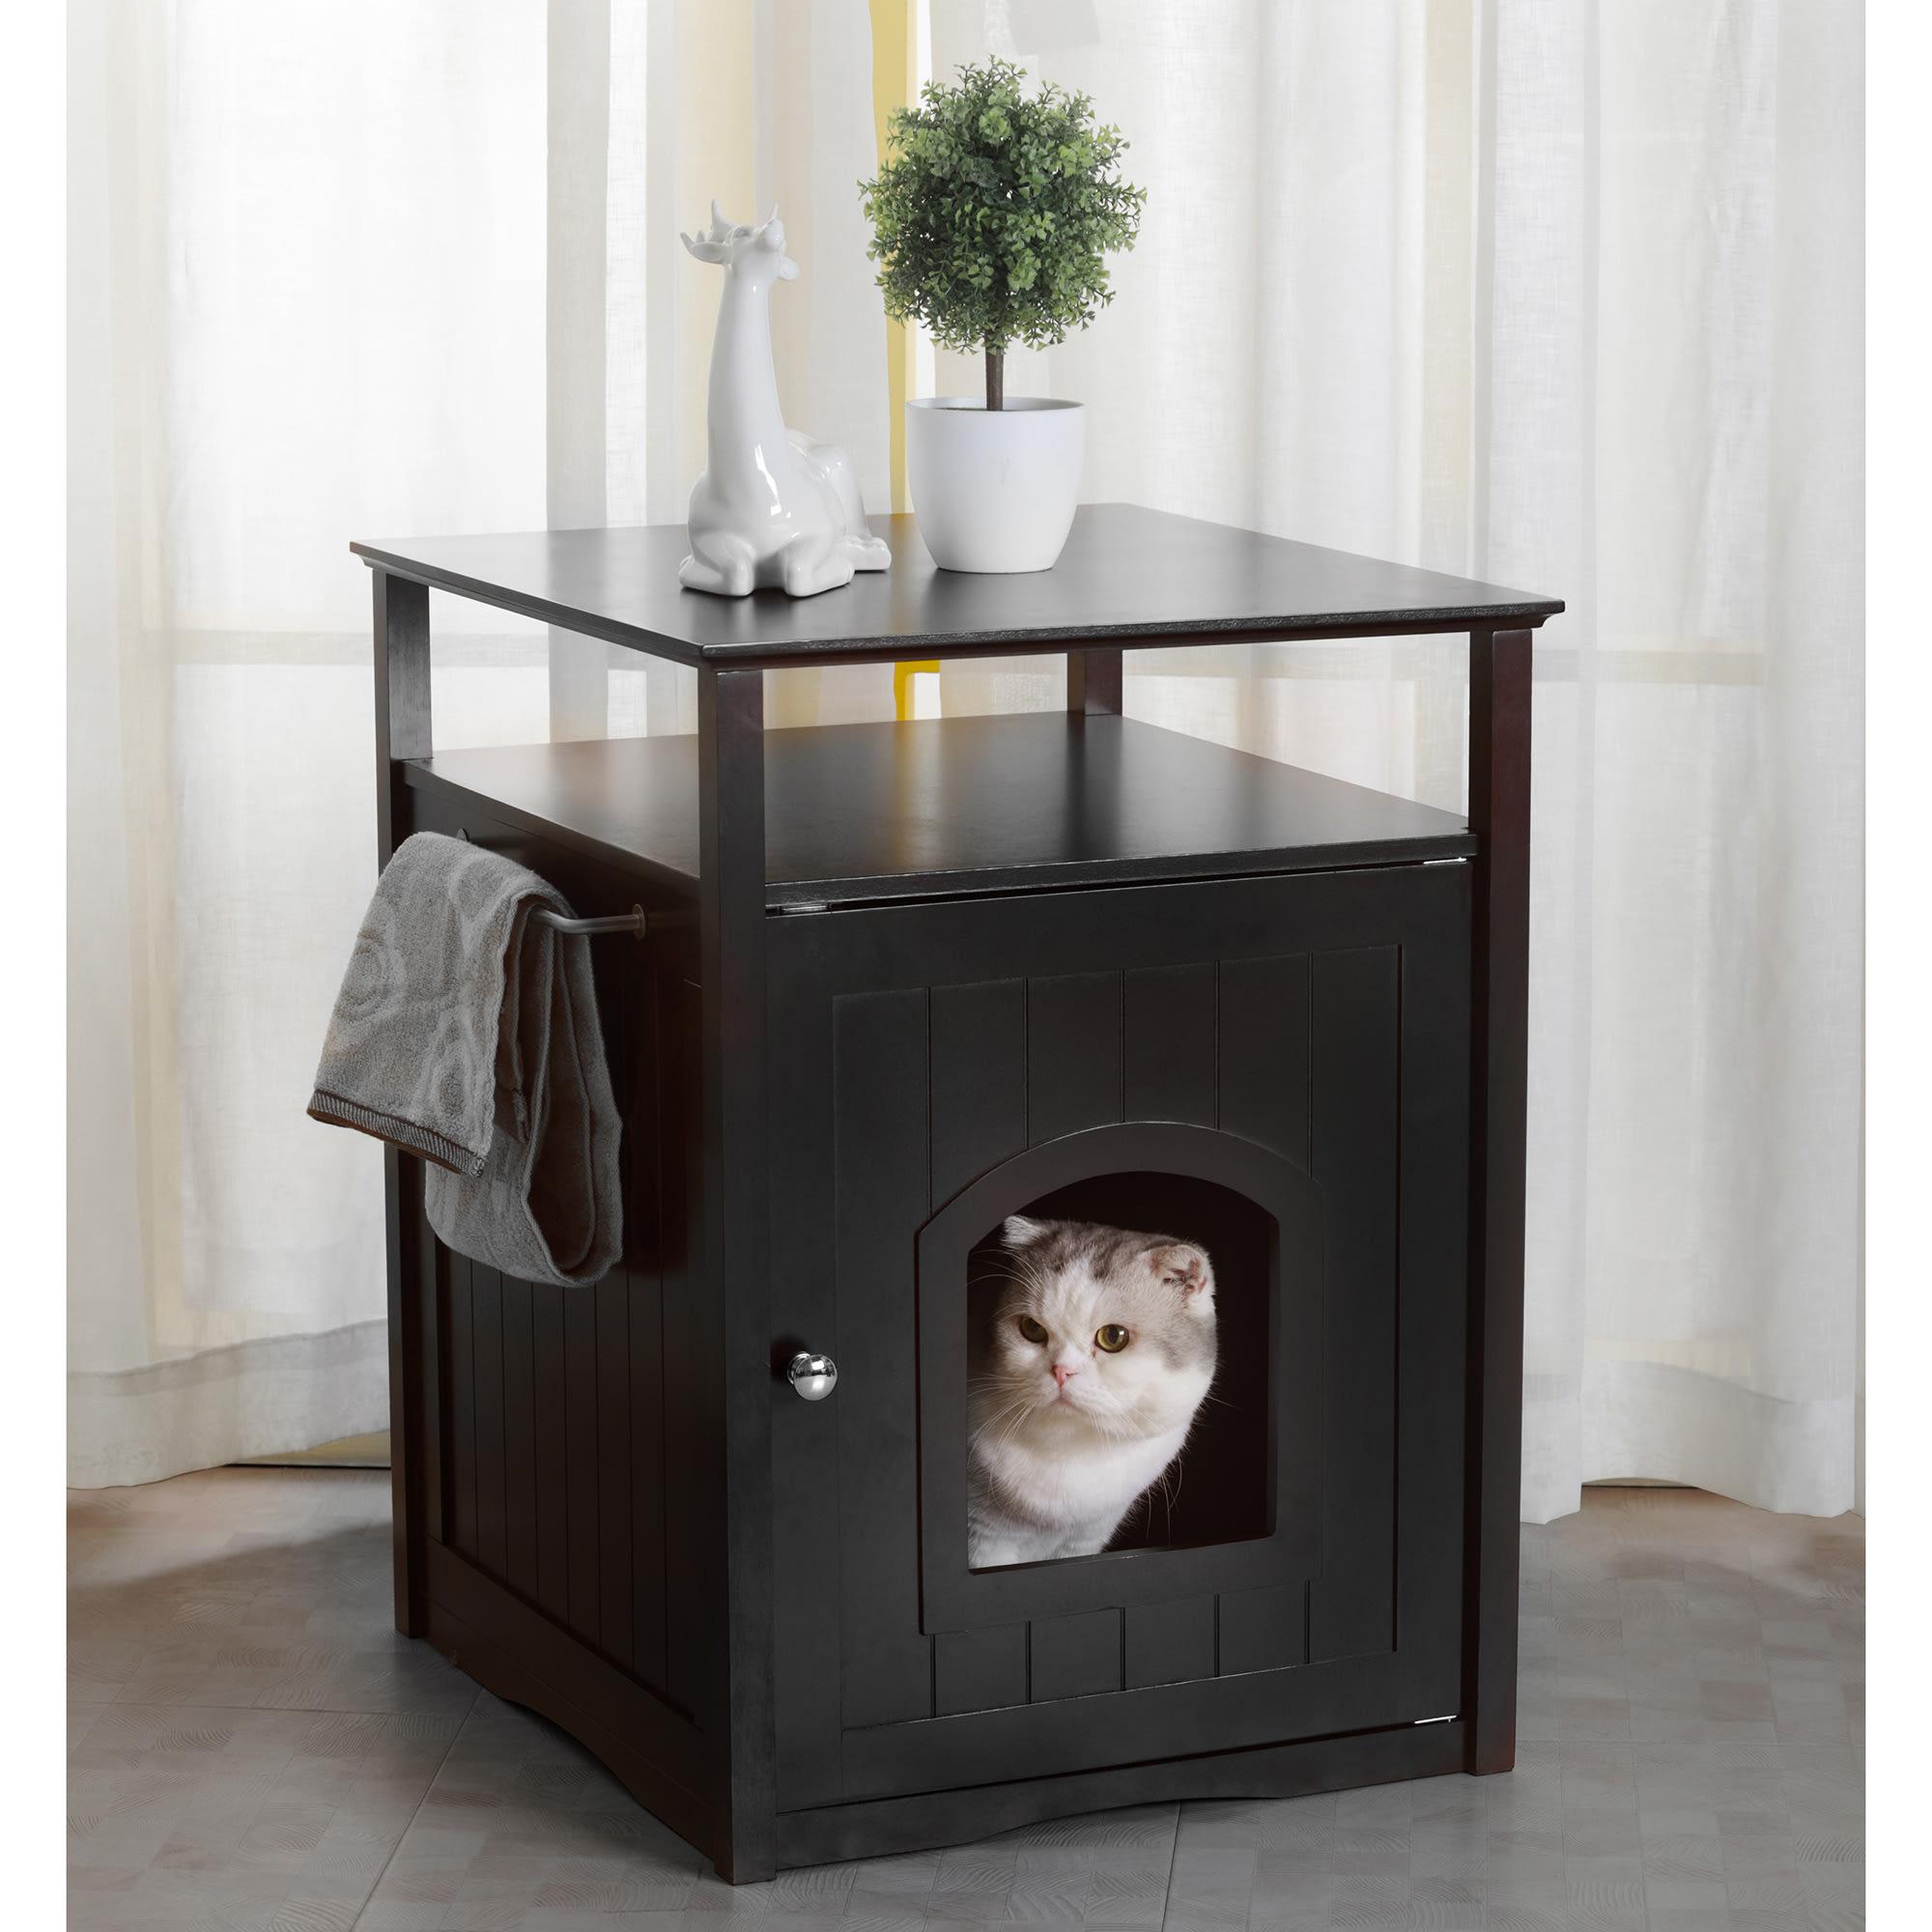 Zoovilla Cat Washroom Litter Box Cover Night Stand Black Pet House 20 51 L X 19 09 W X 25 04 H Petco